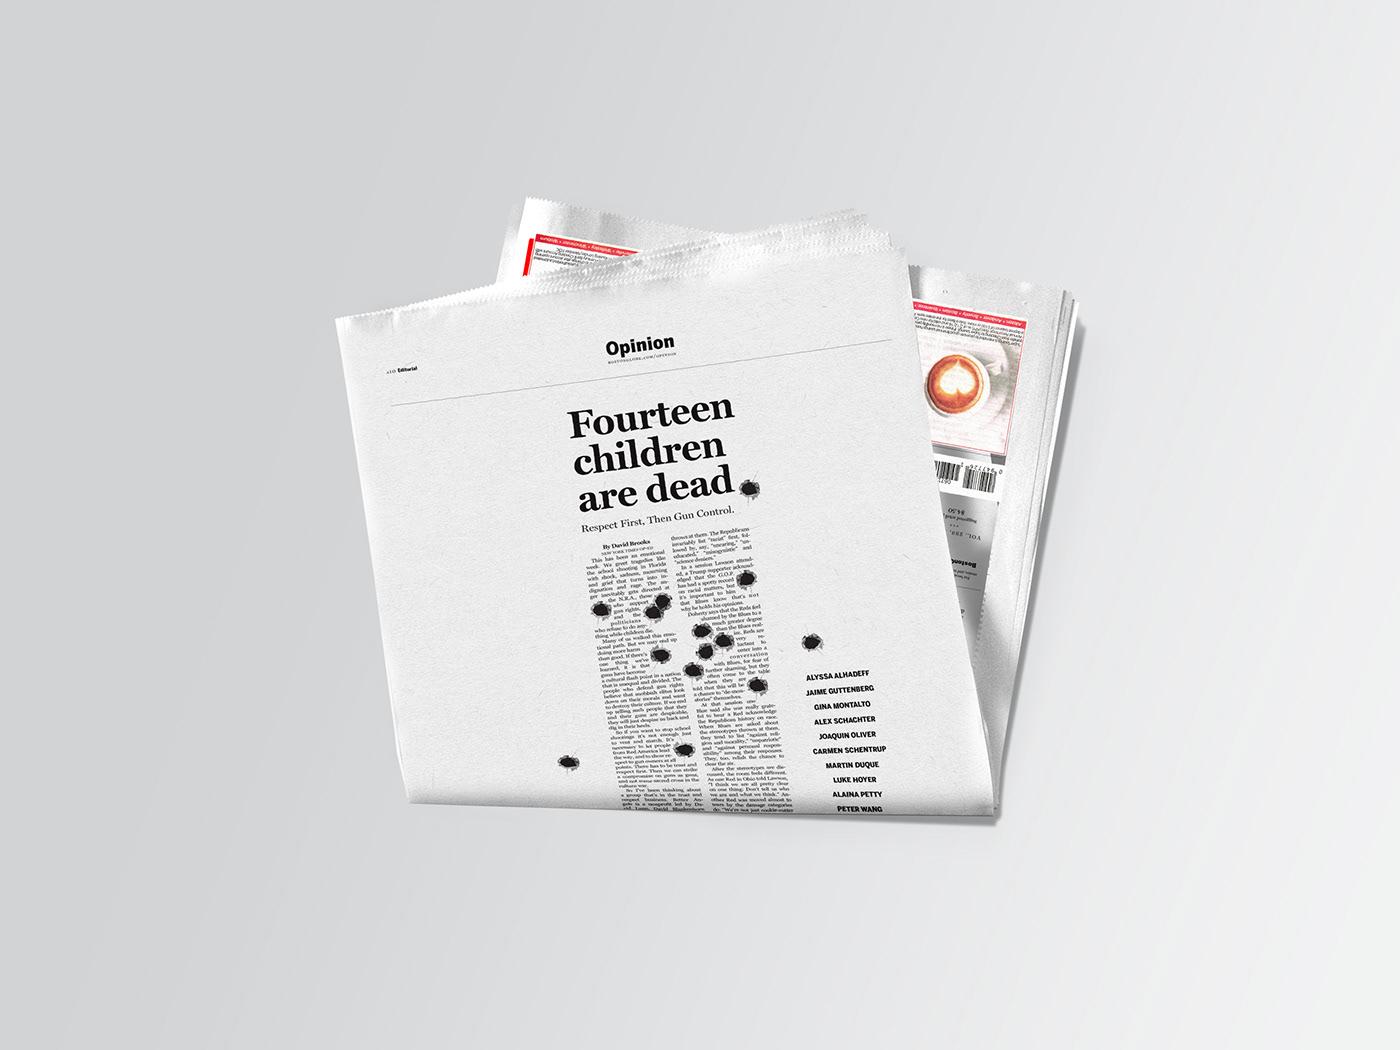 op ed op-ed newspaper news